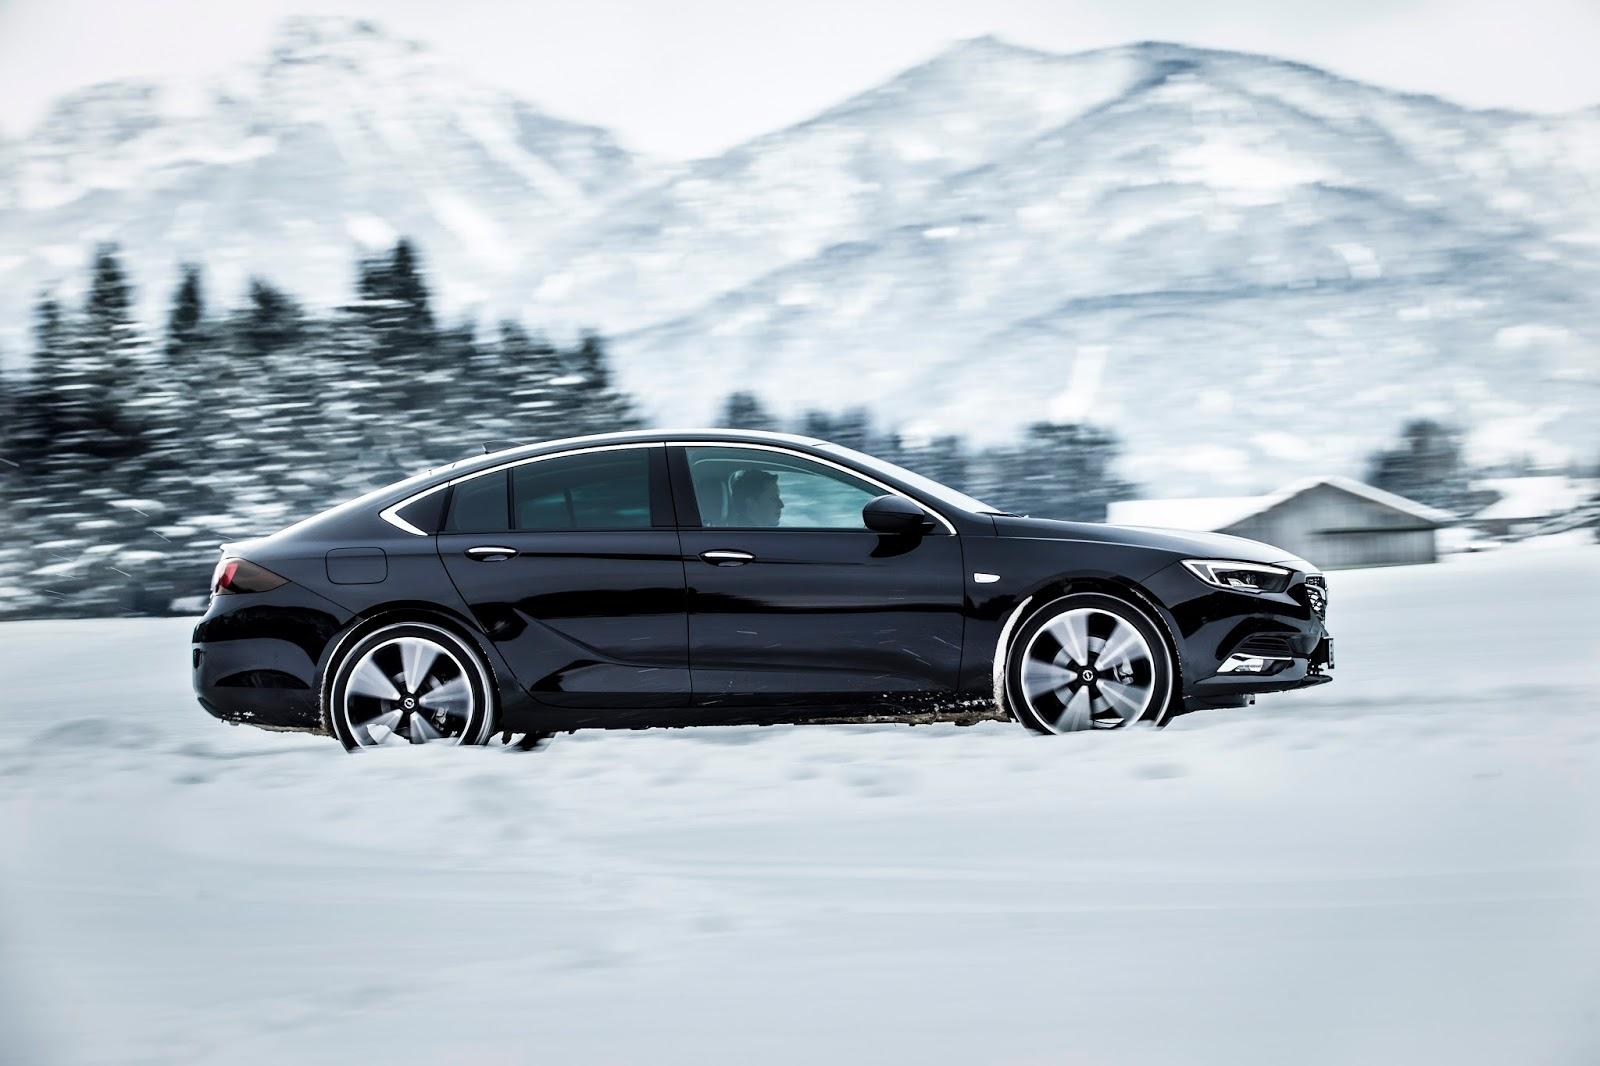 Opel Insignia Grand Sport 304913 1